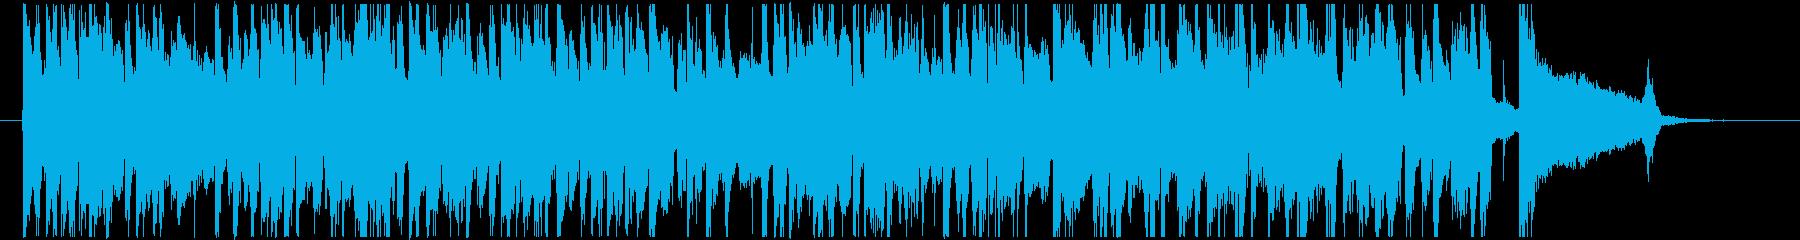 レトロなアコースティックギターBGMの再生済みの波形